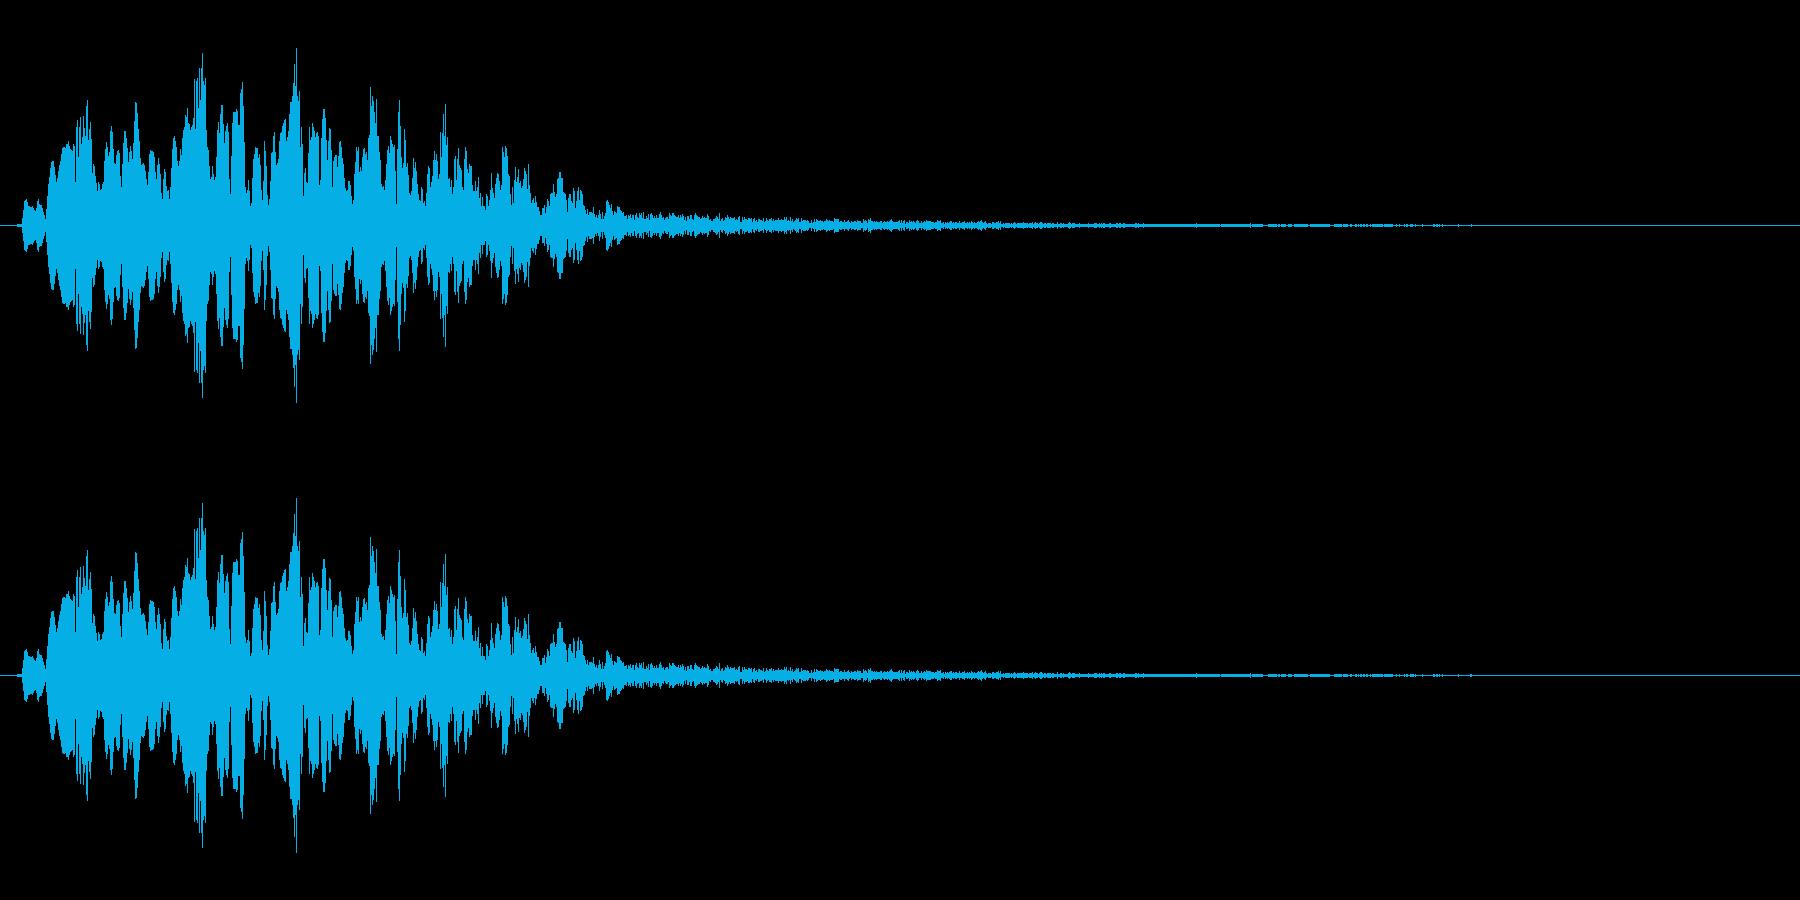 不思議、閃きなどのイメージ(キュルル)の再生済みの波形